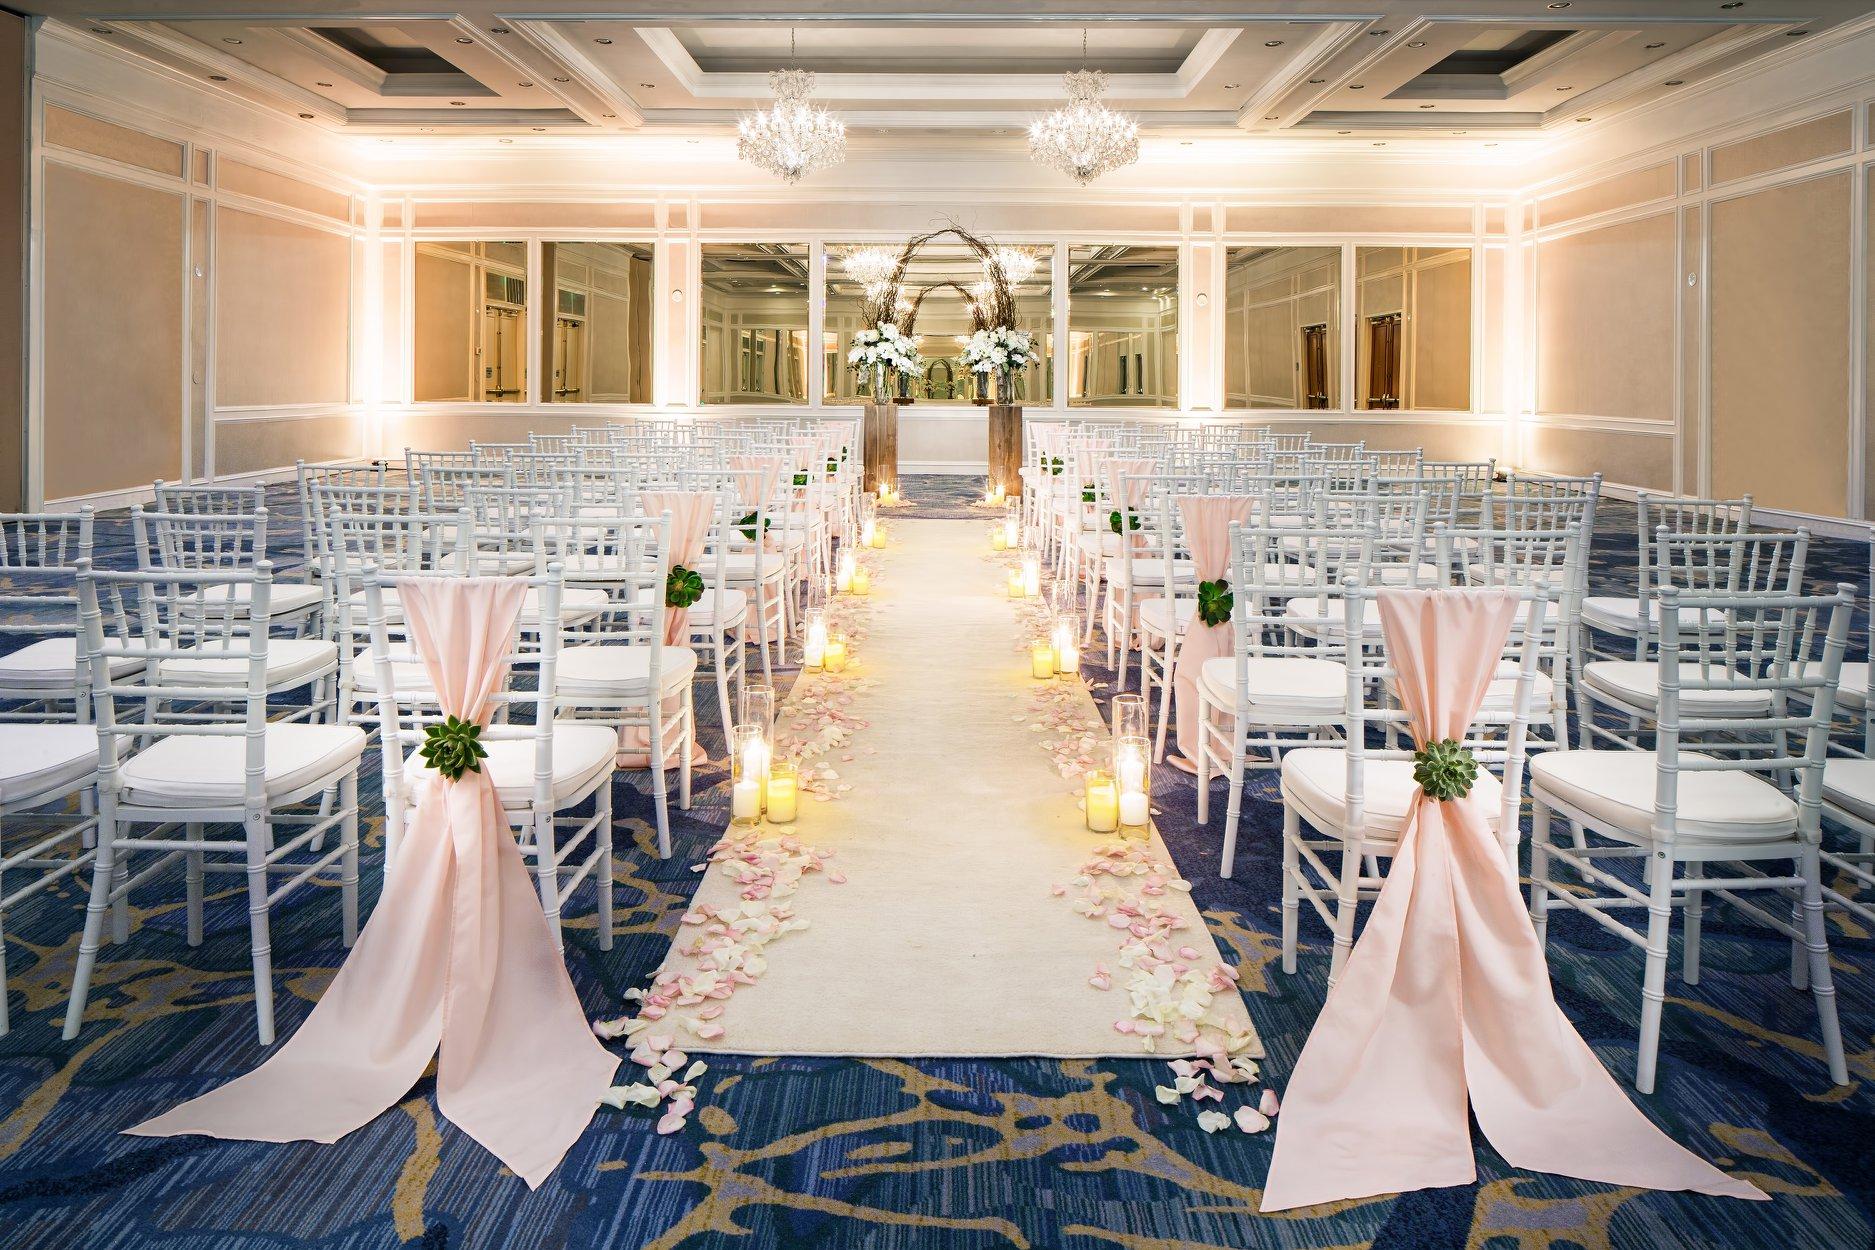 Setup for wedding venue at resort